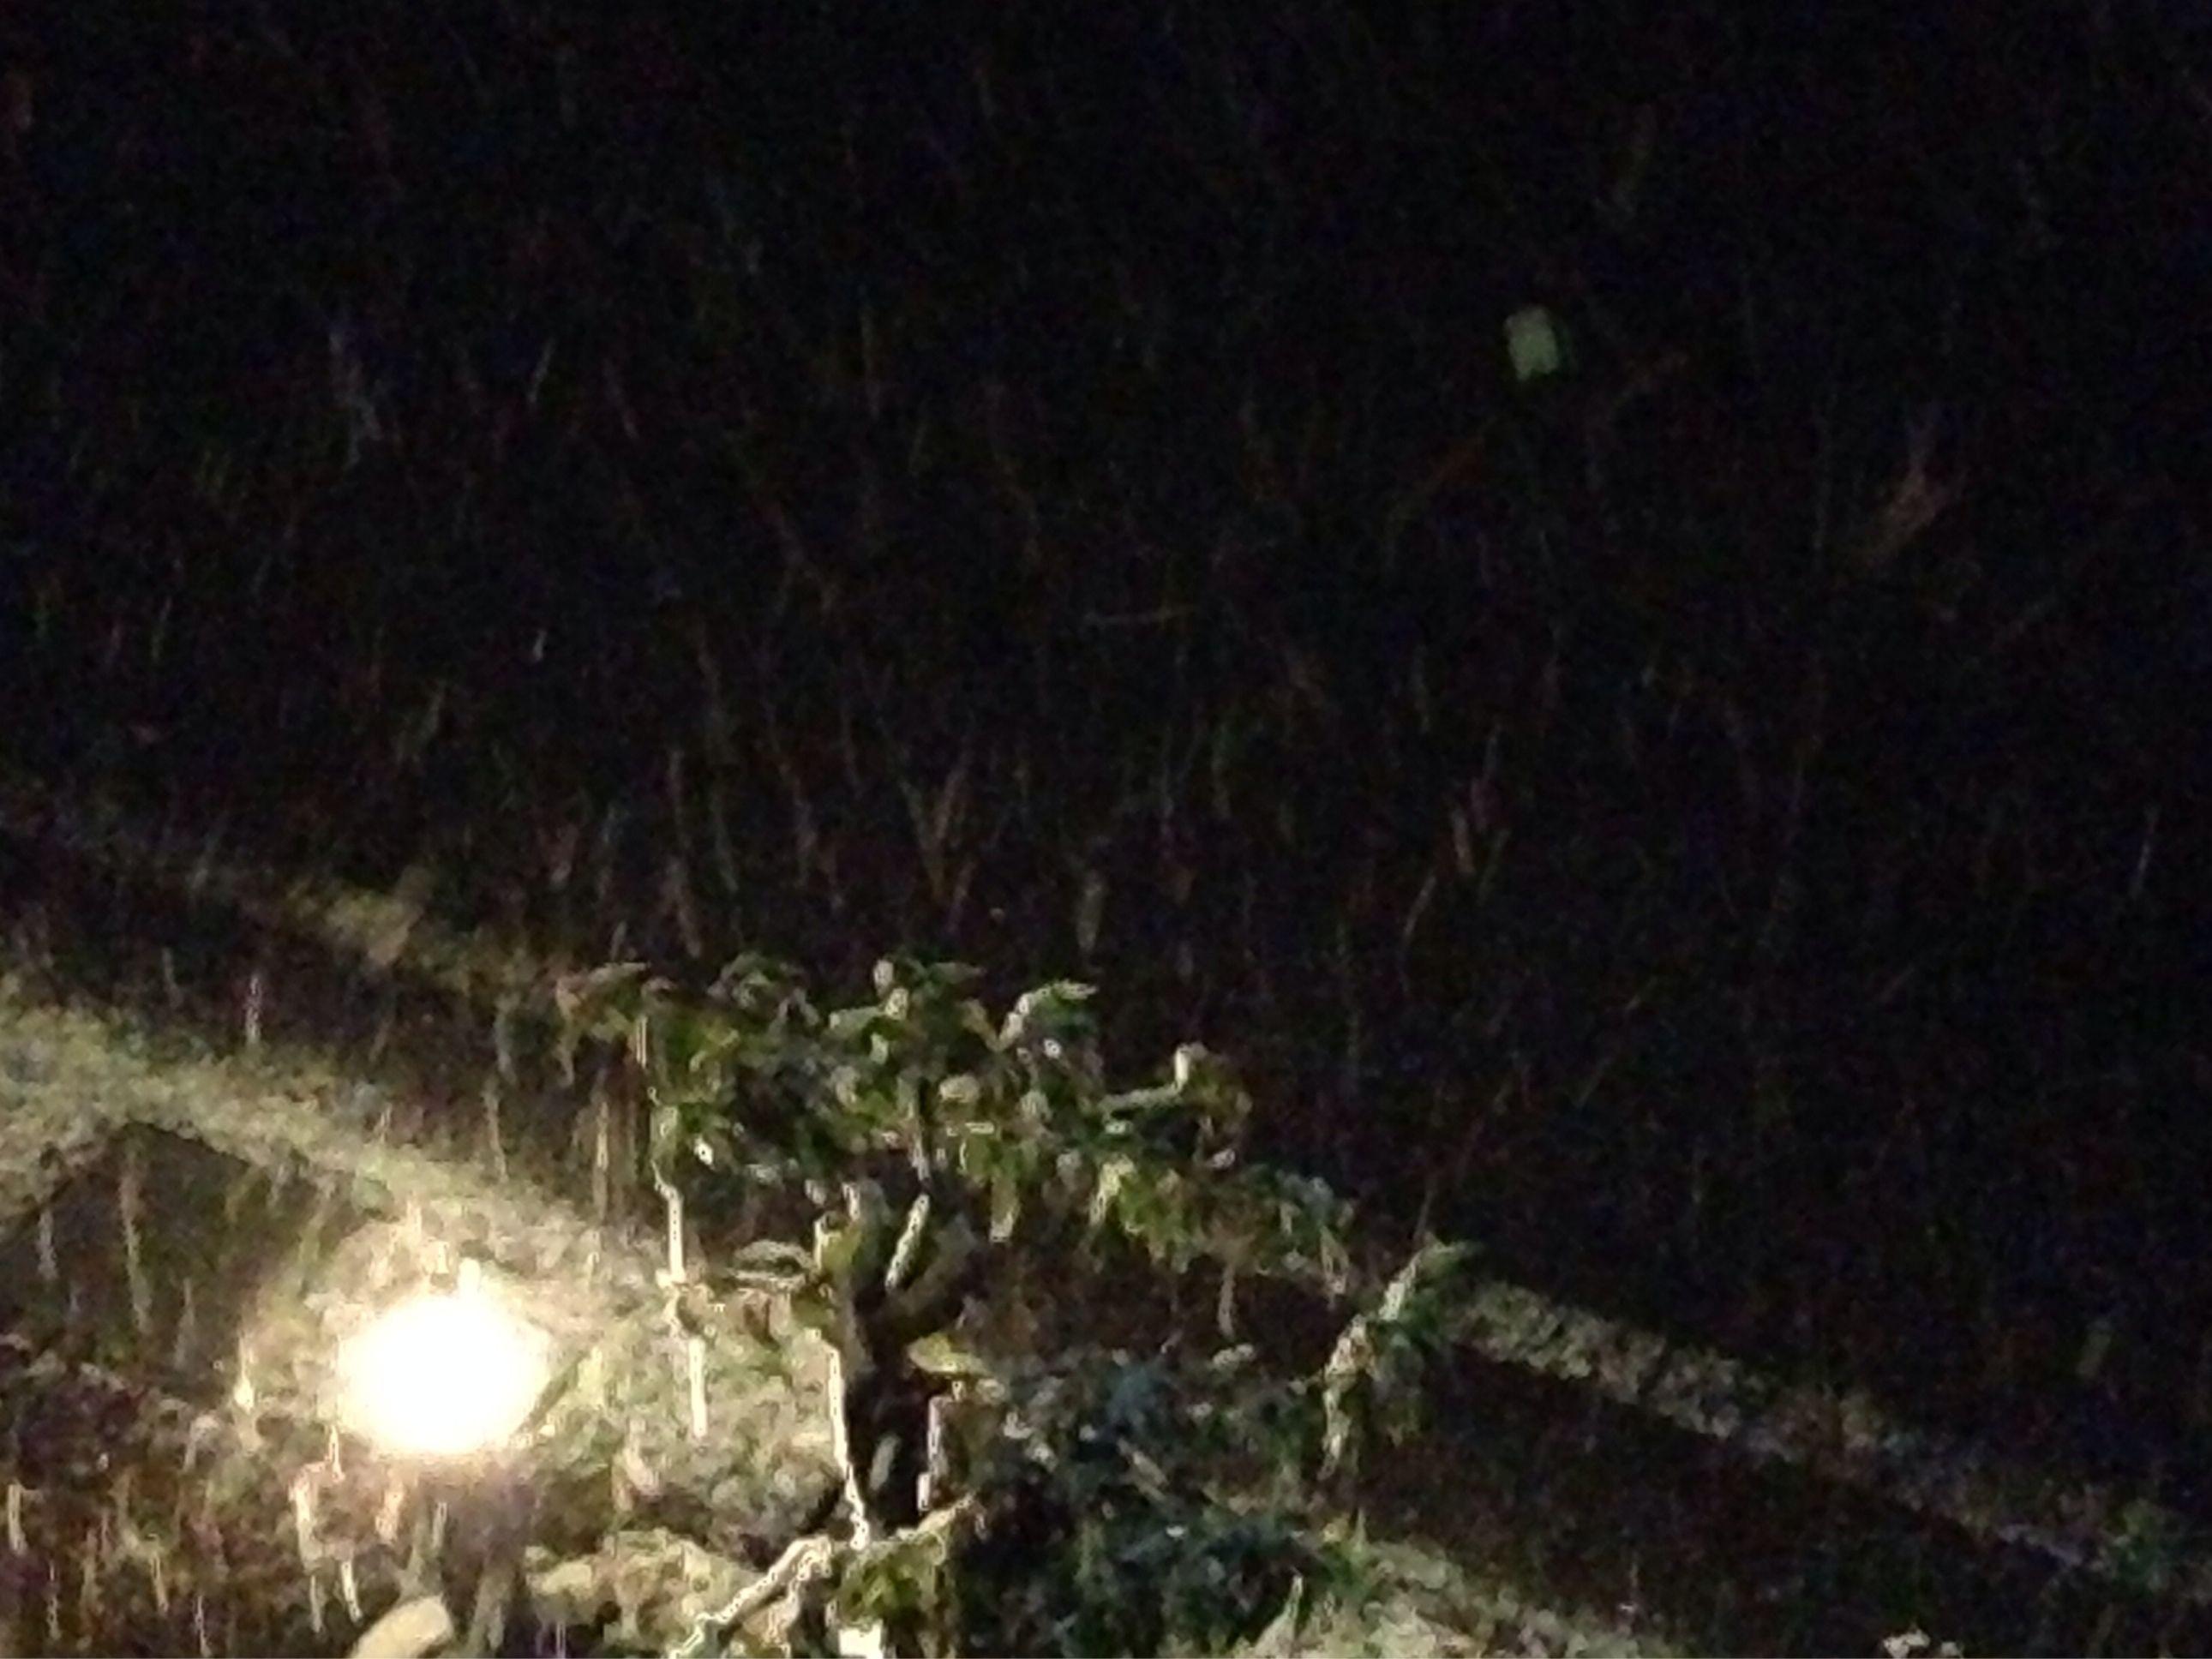 #彦根 からおはようございます(^O^)/ ついに彦根でも初雪が降りました‼︎ まだまだ降り続きそうなので、ある程度は積もるかも知れませんね。しかし寒い(>_